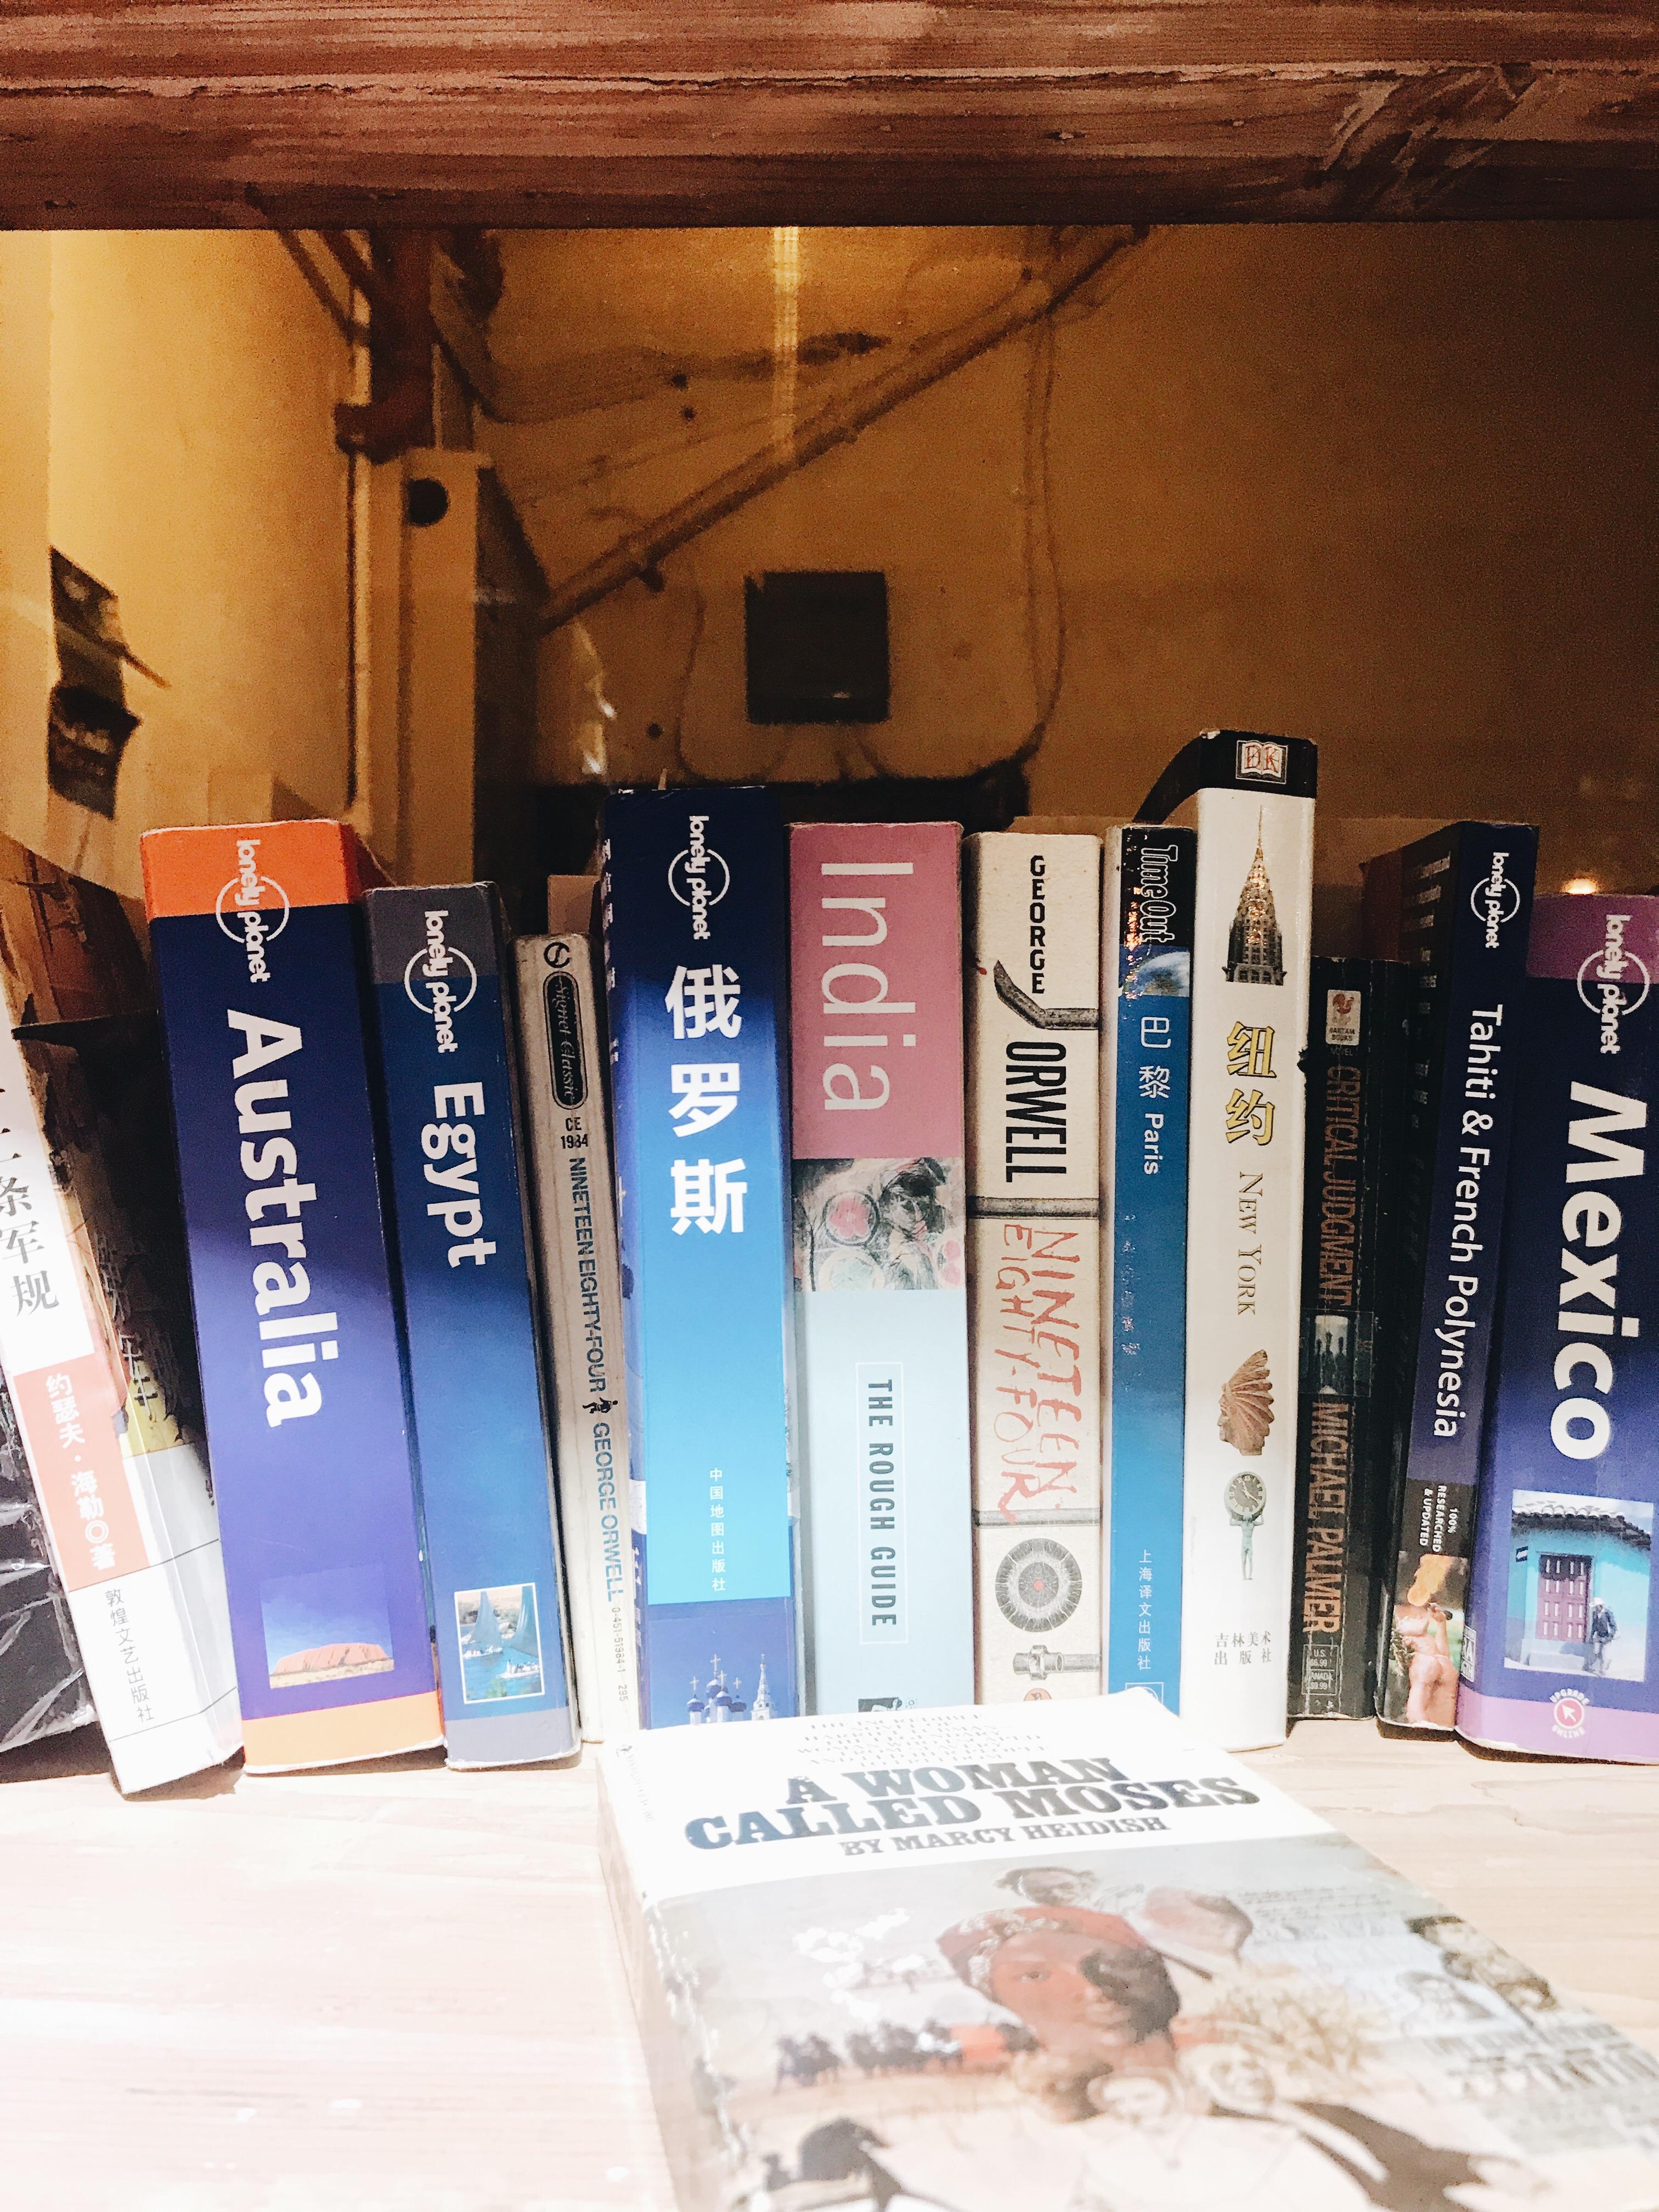 cb2b667d d509 460b 8015 b9ef2e7ad2f7 - 1984 BOOKSTORE - 扉の奥にある隠れ家ブックカフェ